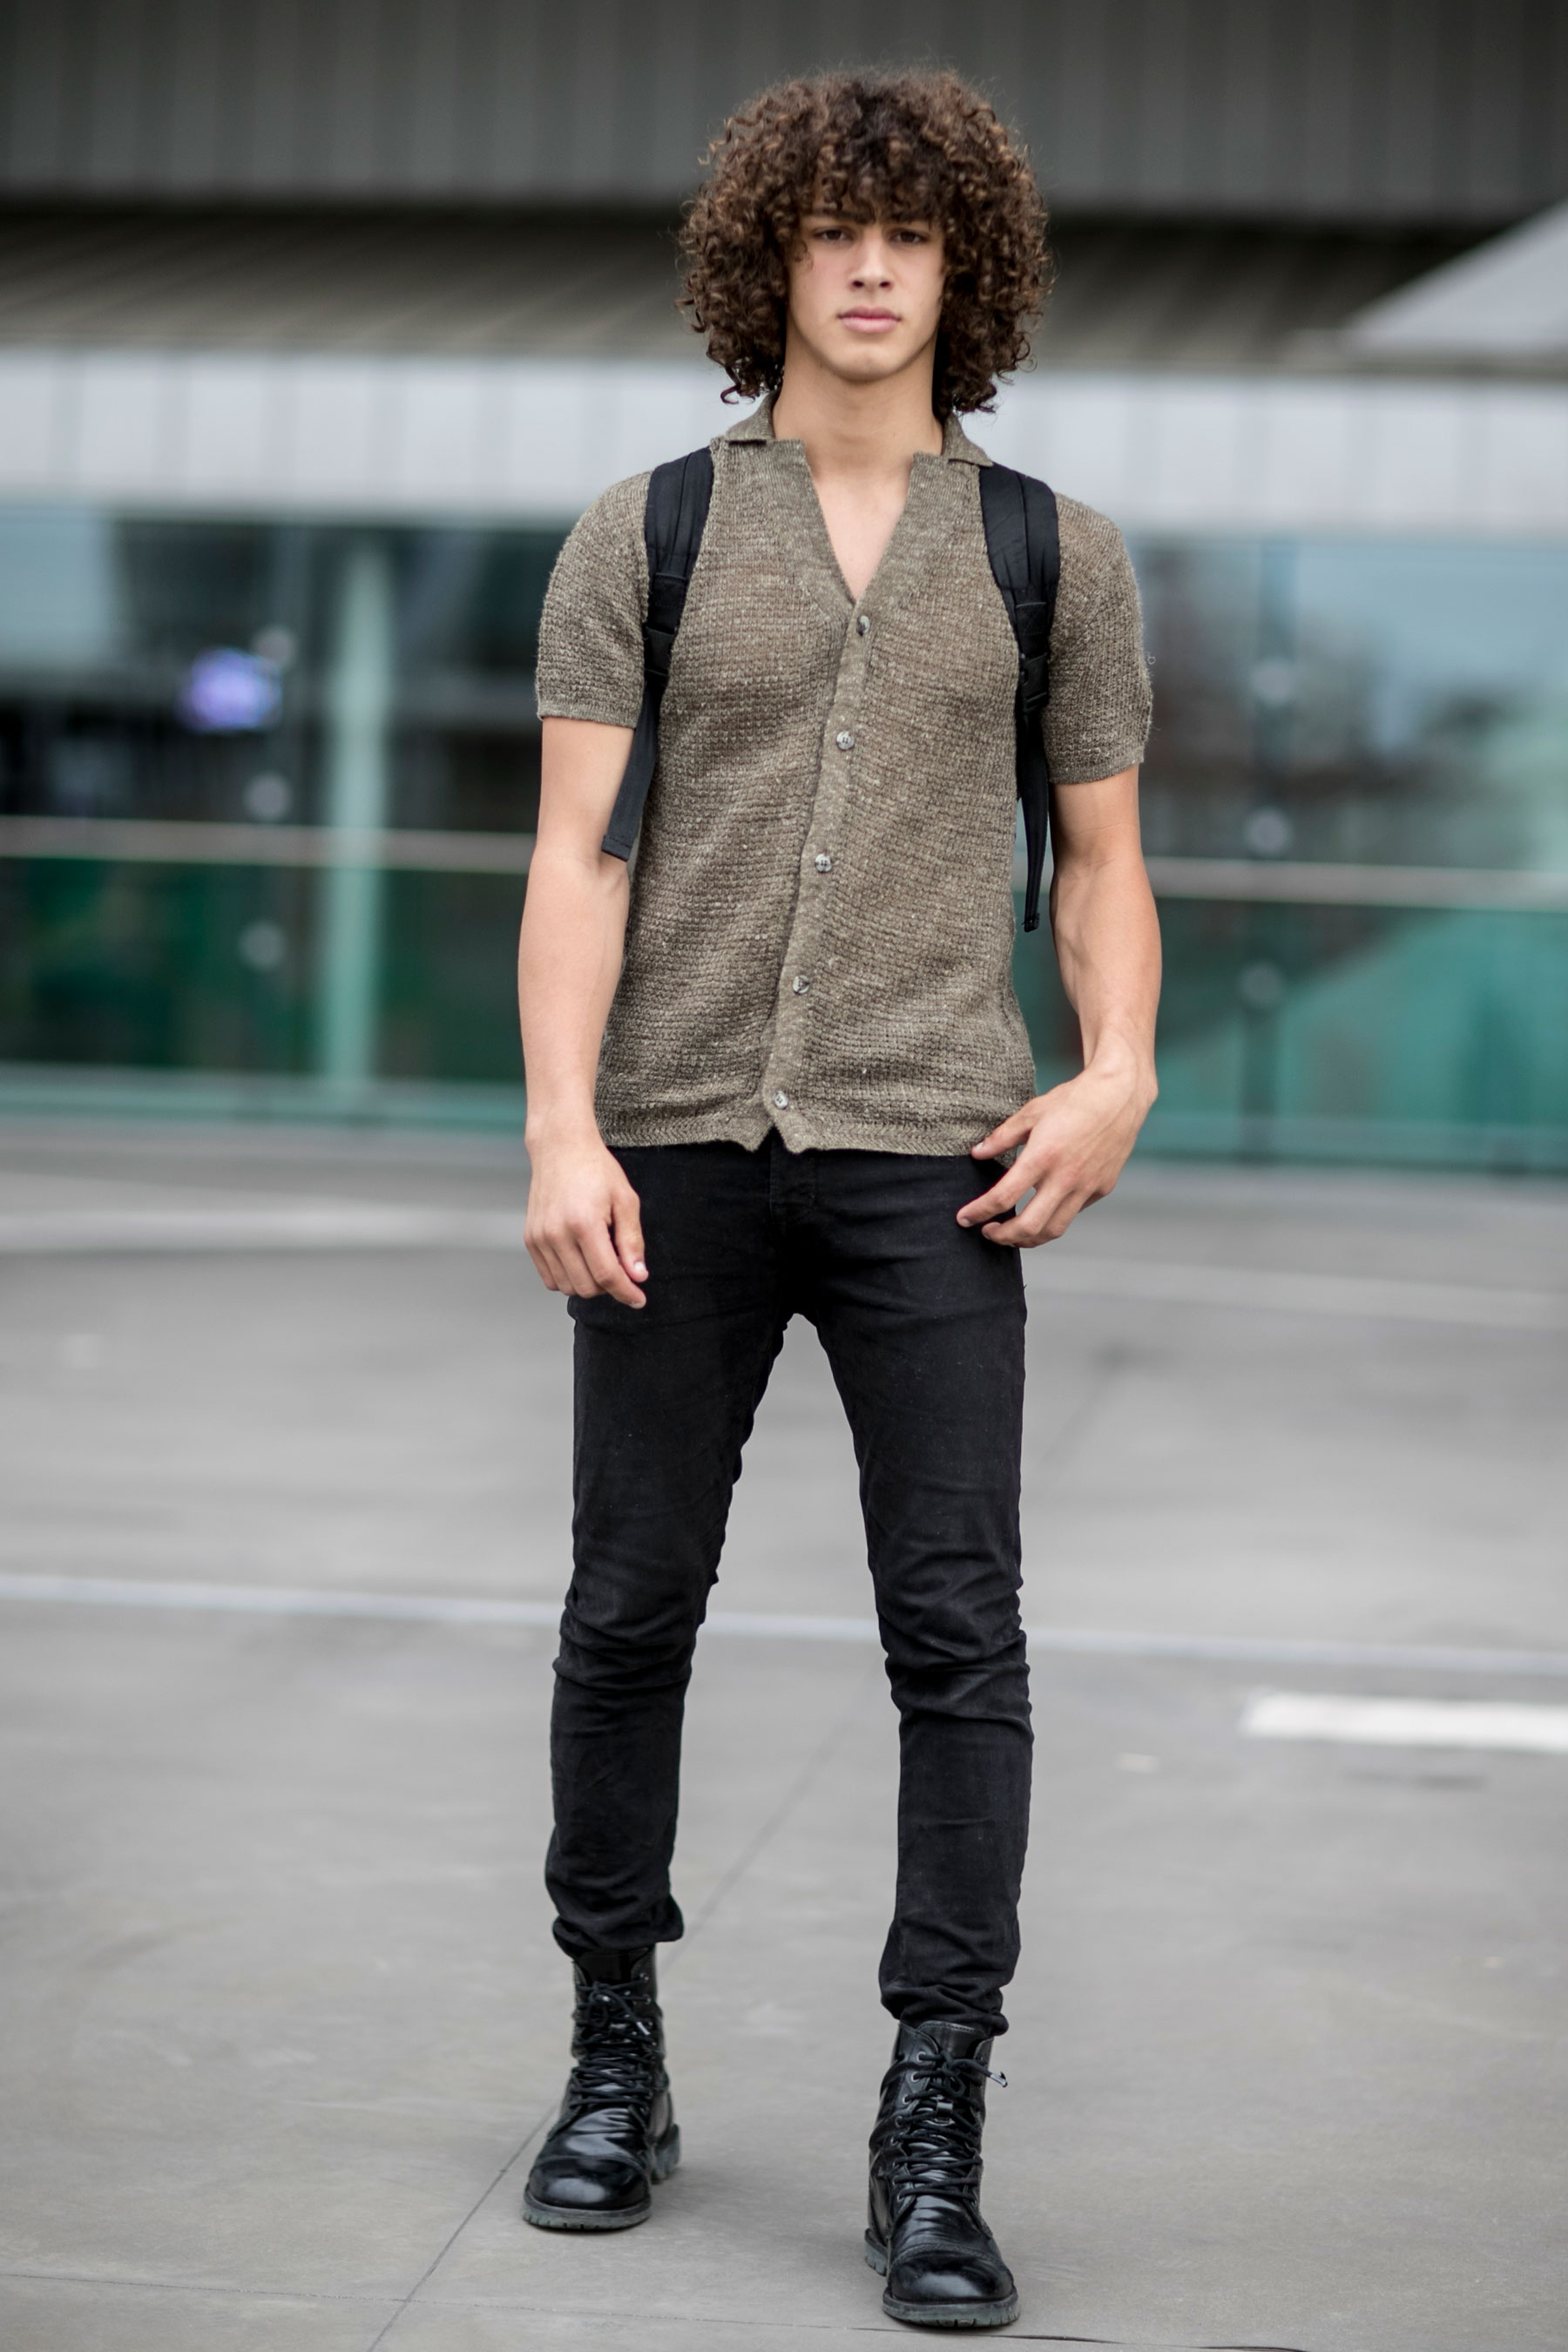 ライトブラウンワッフル半袖シャツ×黒パンツ×黒ブーツ